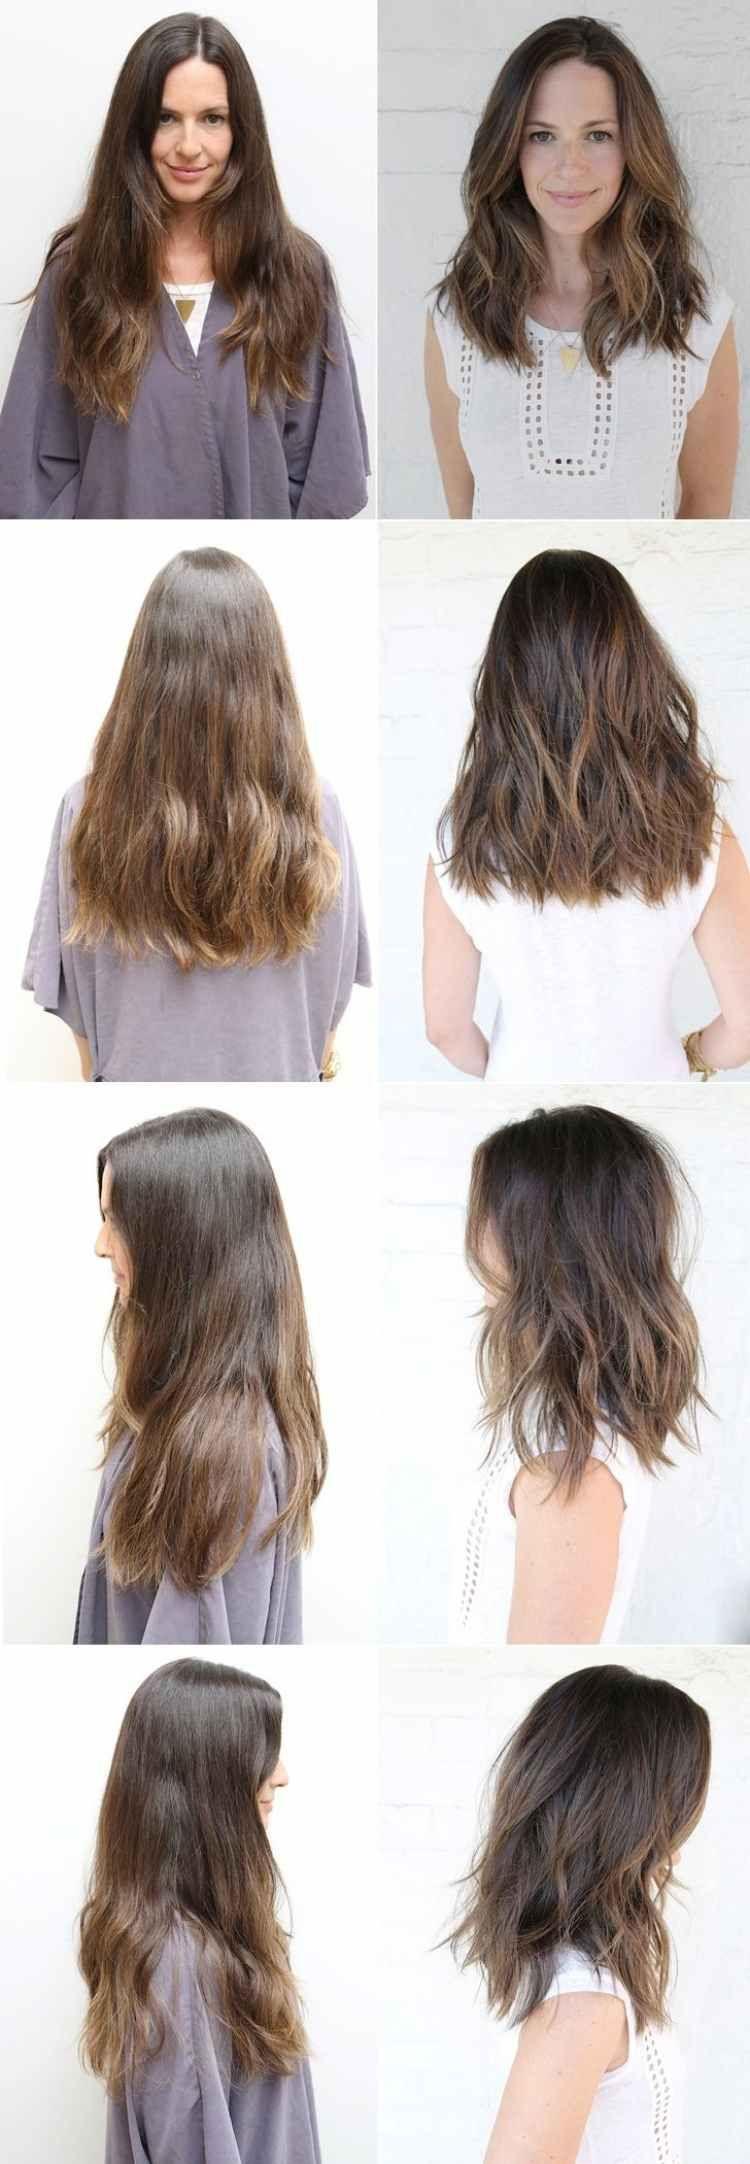 Frisuren für lange Haare - 9 Ideen für tolle Stufenschnitte